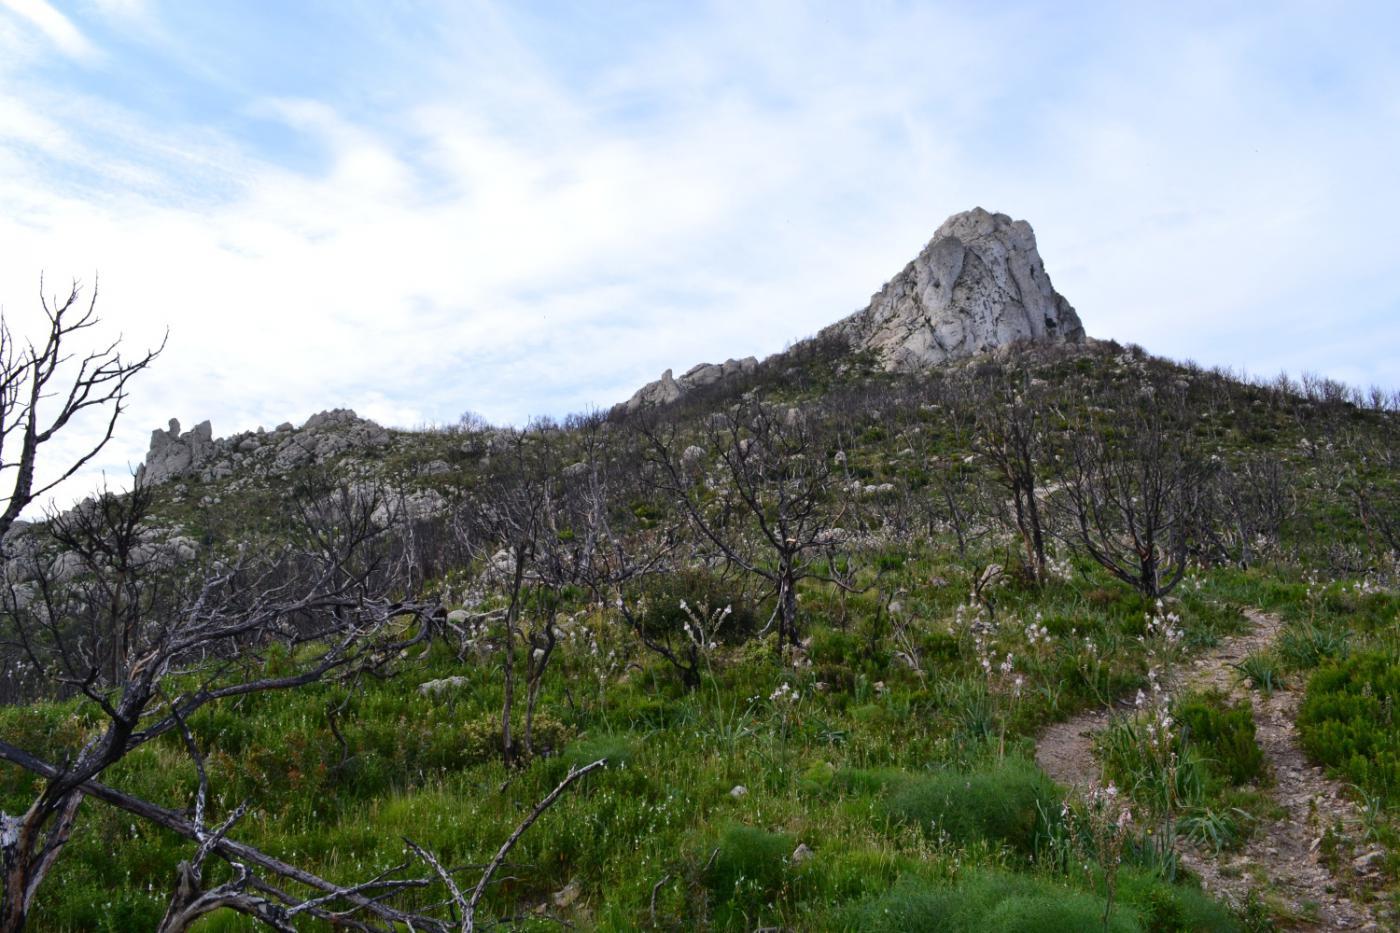 il promontorio roccioso di Monte Ruju